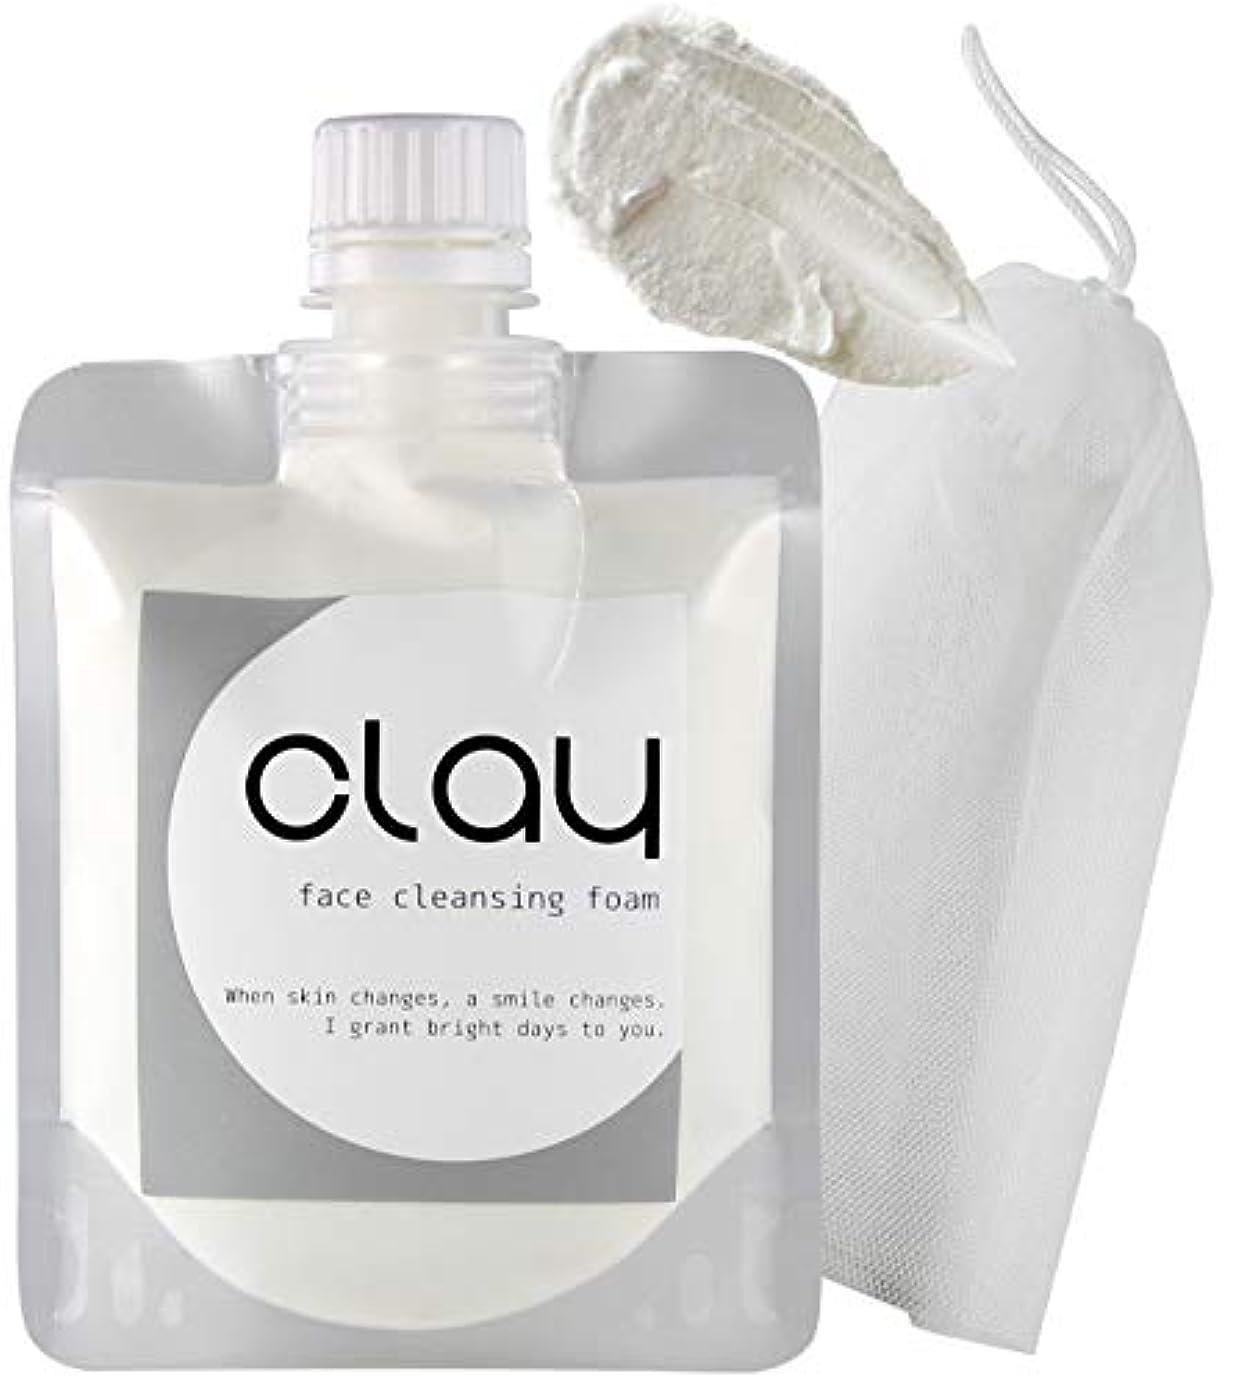 ご近所命令的費用STAR'S クレイ 泥 洗顔 オーガニック 【 毛穴 黒ずみ 開き ザラ付き 用】「 泡 ネット 付き」 40種類の植物エキス 16種類の美容成分 9つの無添加 透明感 柔肌 130g (Clay)